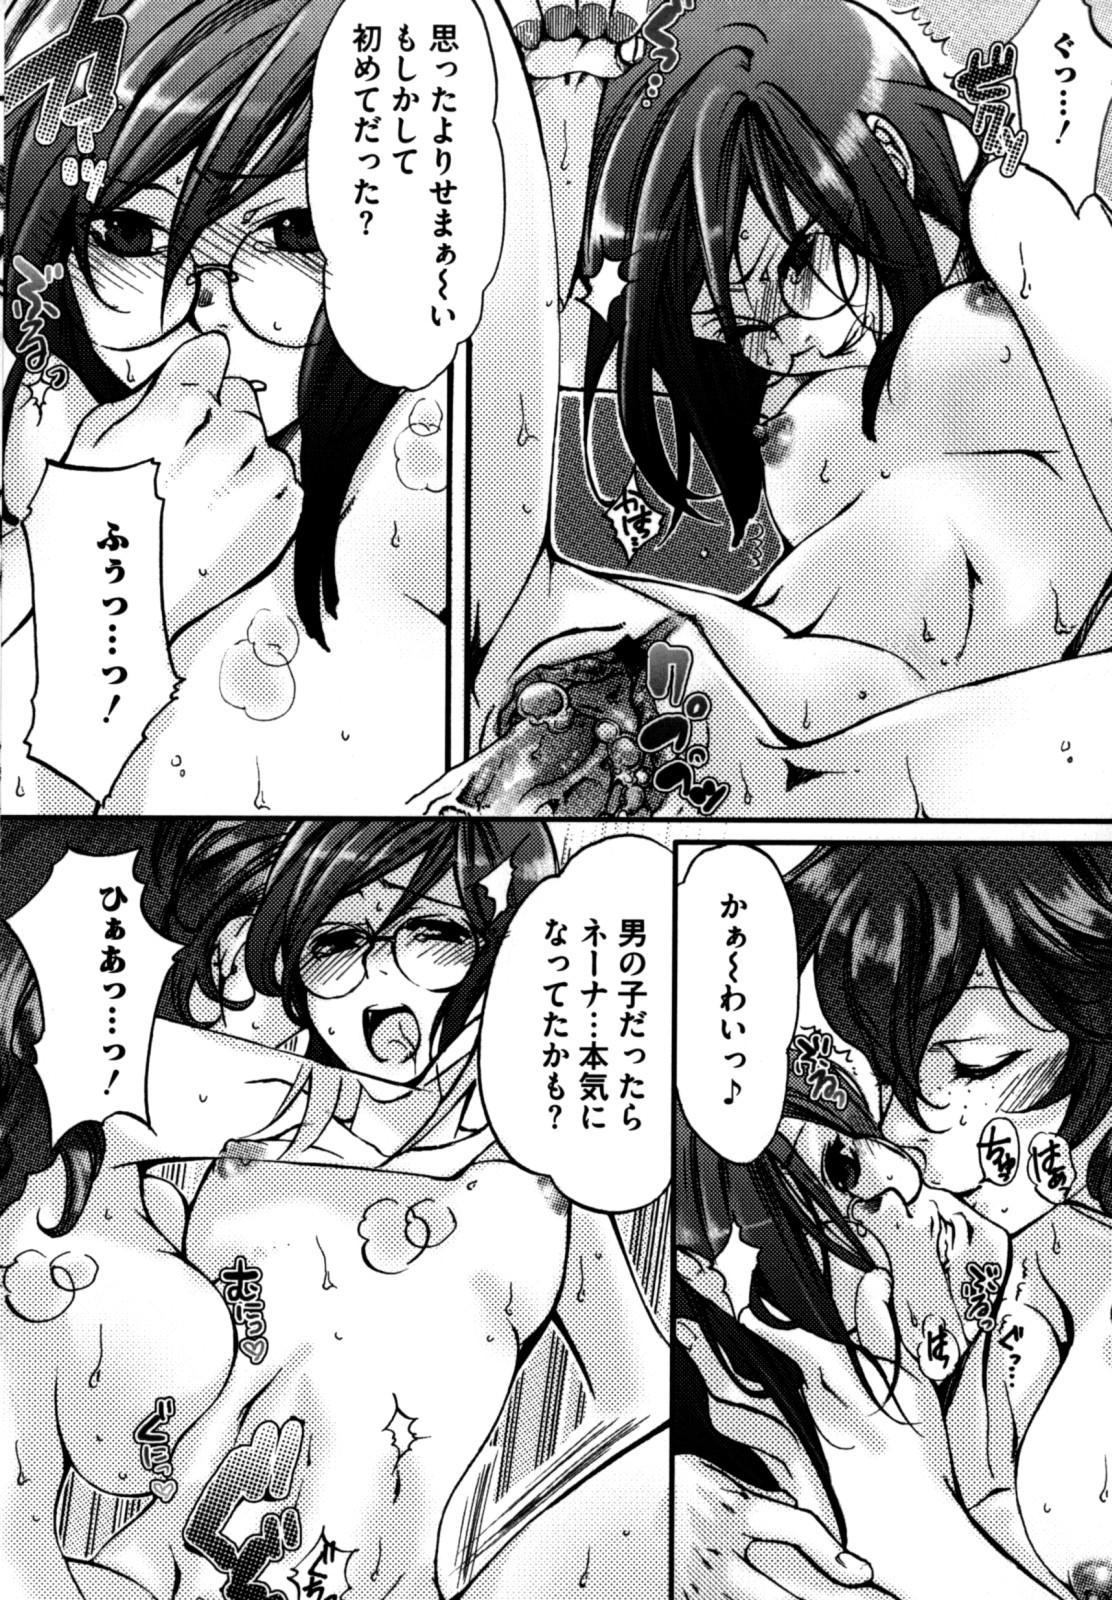 Shikijou no Erosu 153